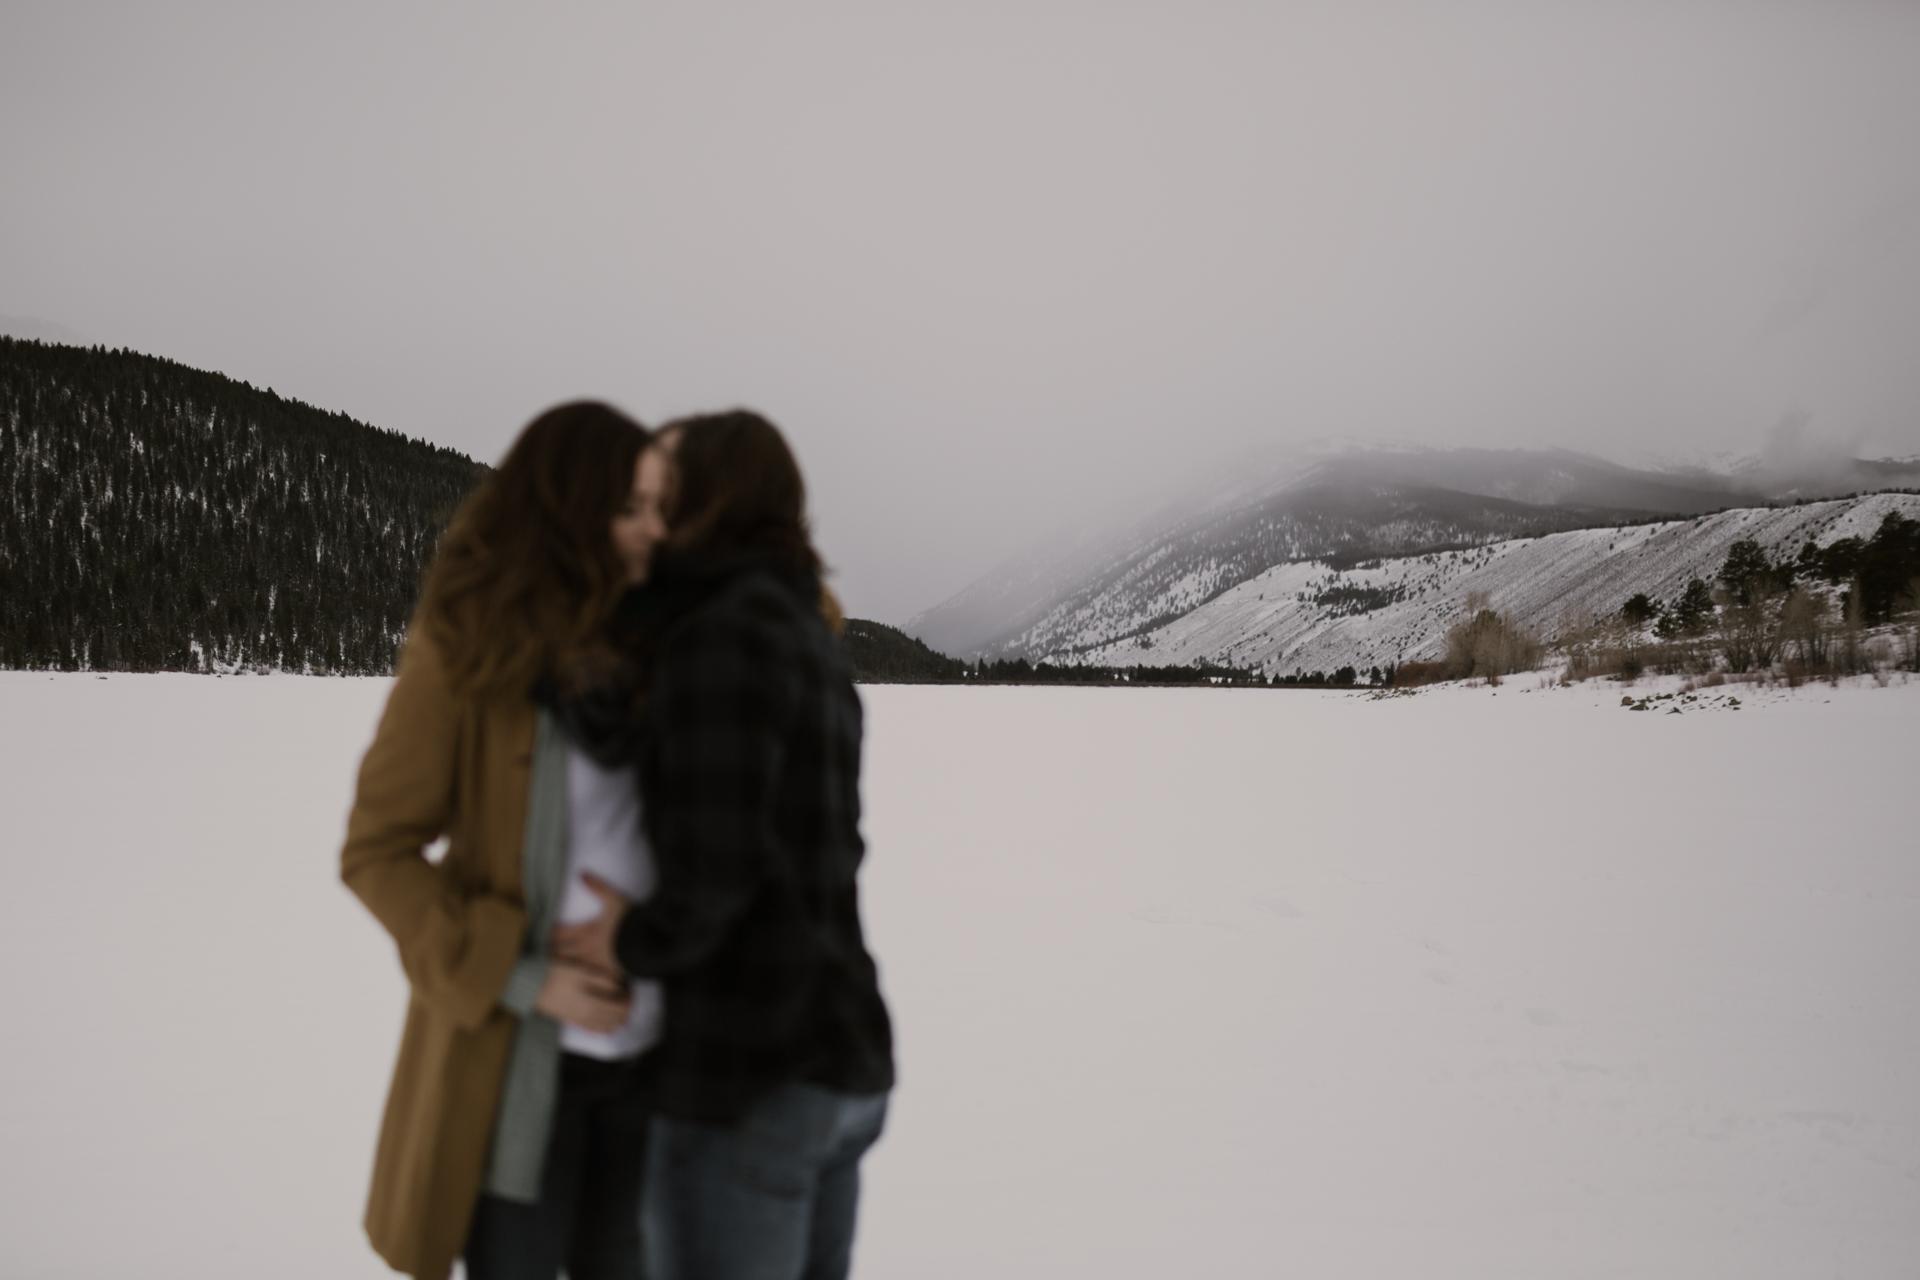 snowy-mountain-colorado-couples-shoot-12.jpg